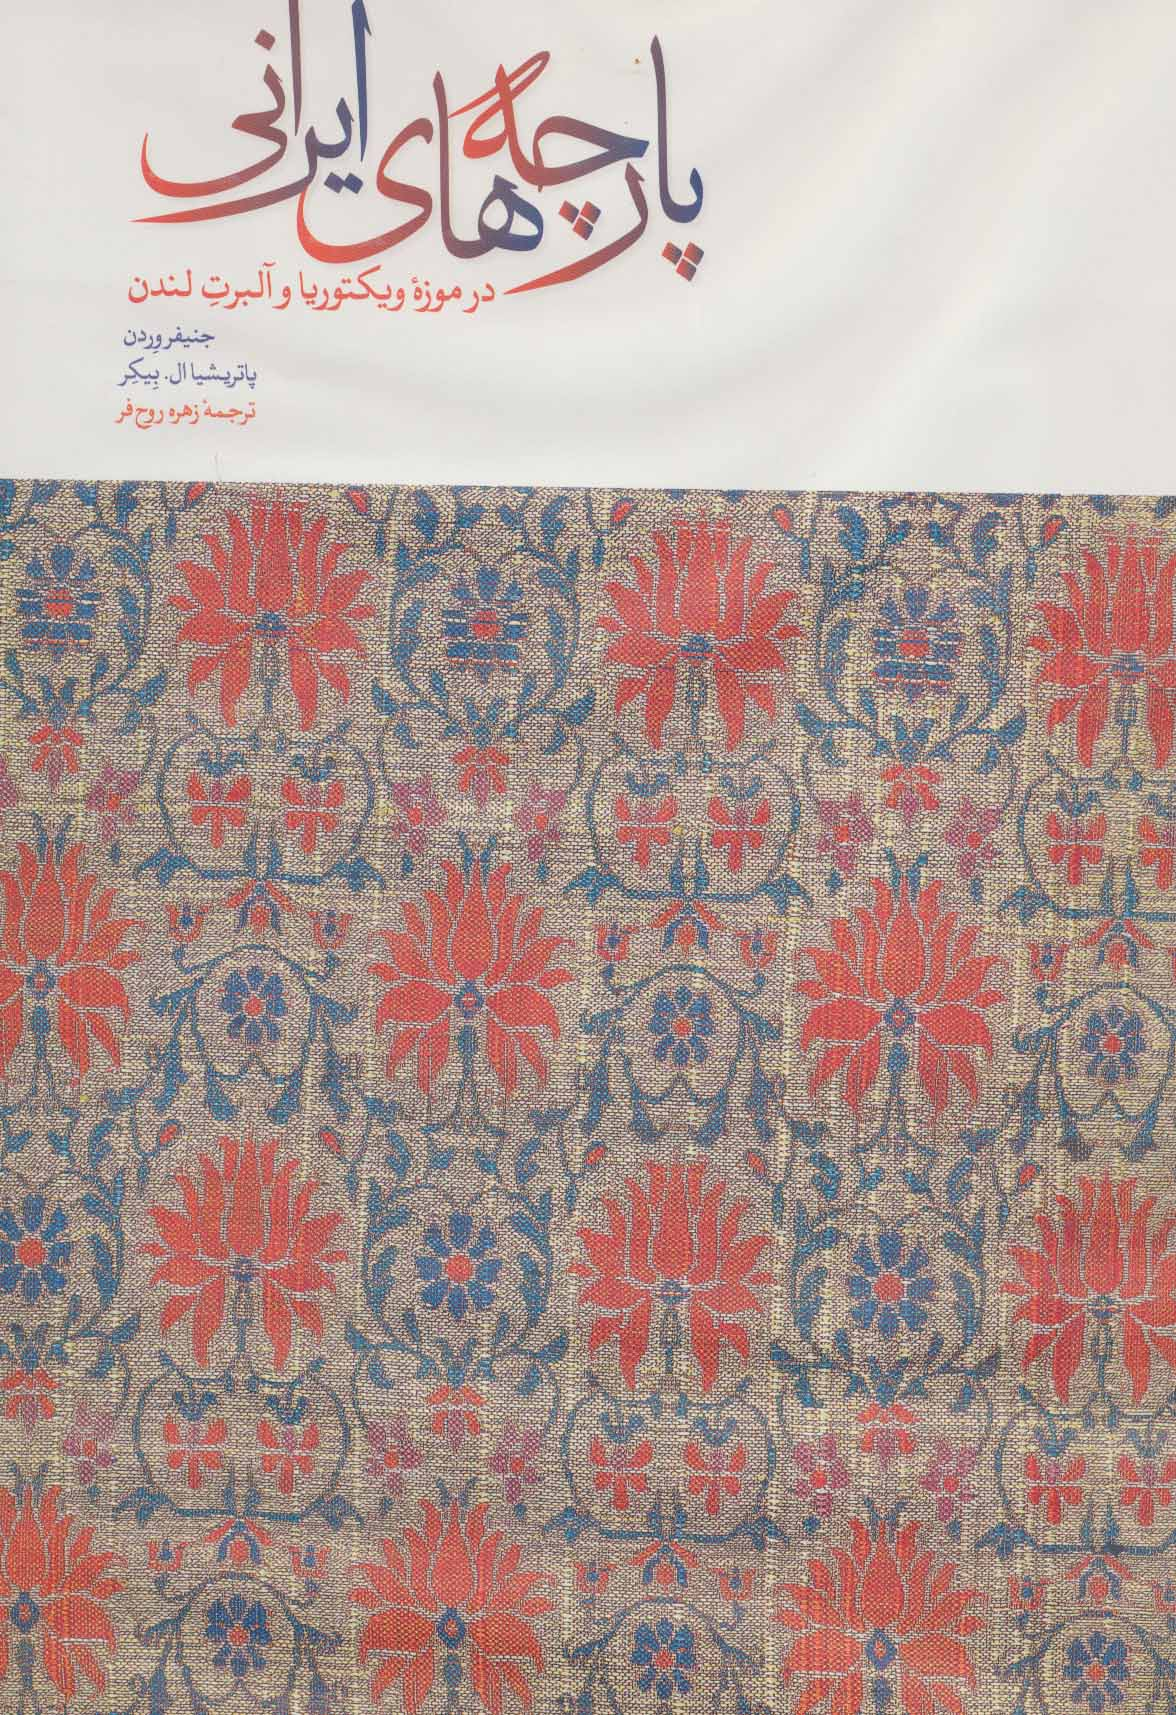 پارچه های ایرانی (در موزه ویکتوریا و آلبرت لندن)،(گلاسه)